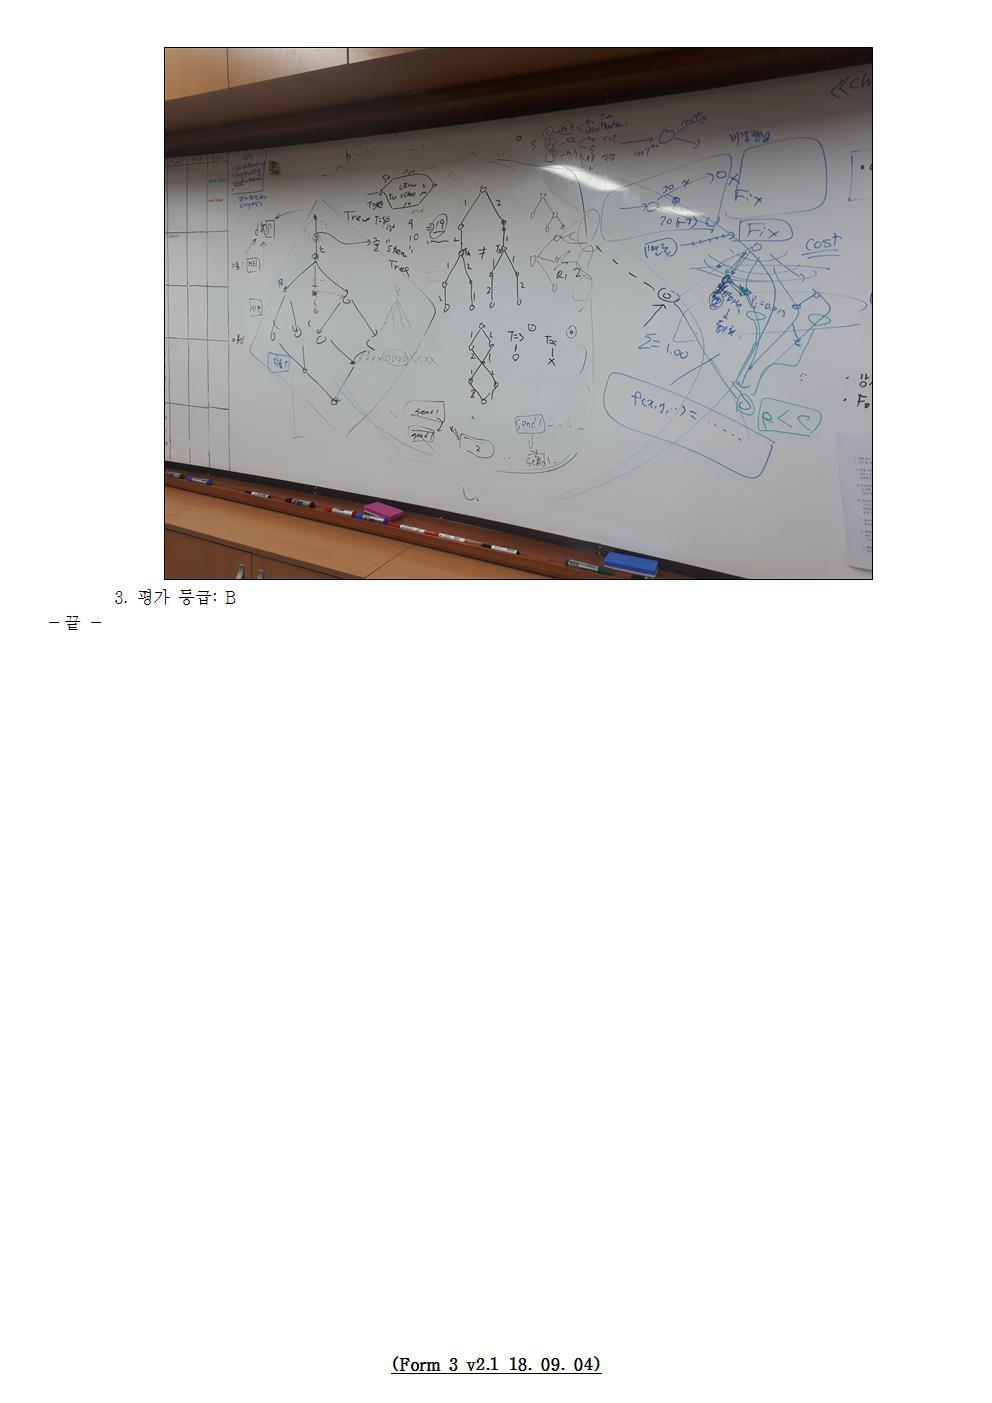 D-[19-028-PP-10]-[KSEM 2019]-[2019-04-26][JS]003.jpg